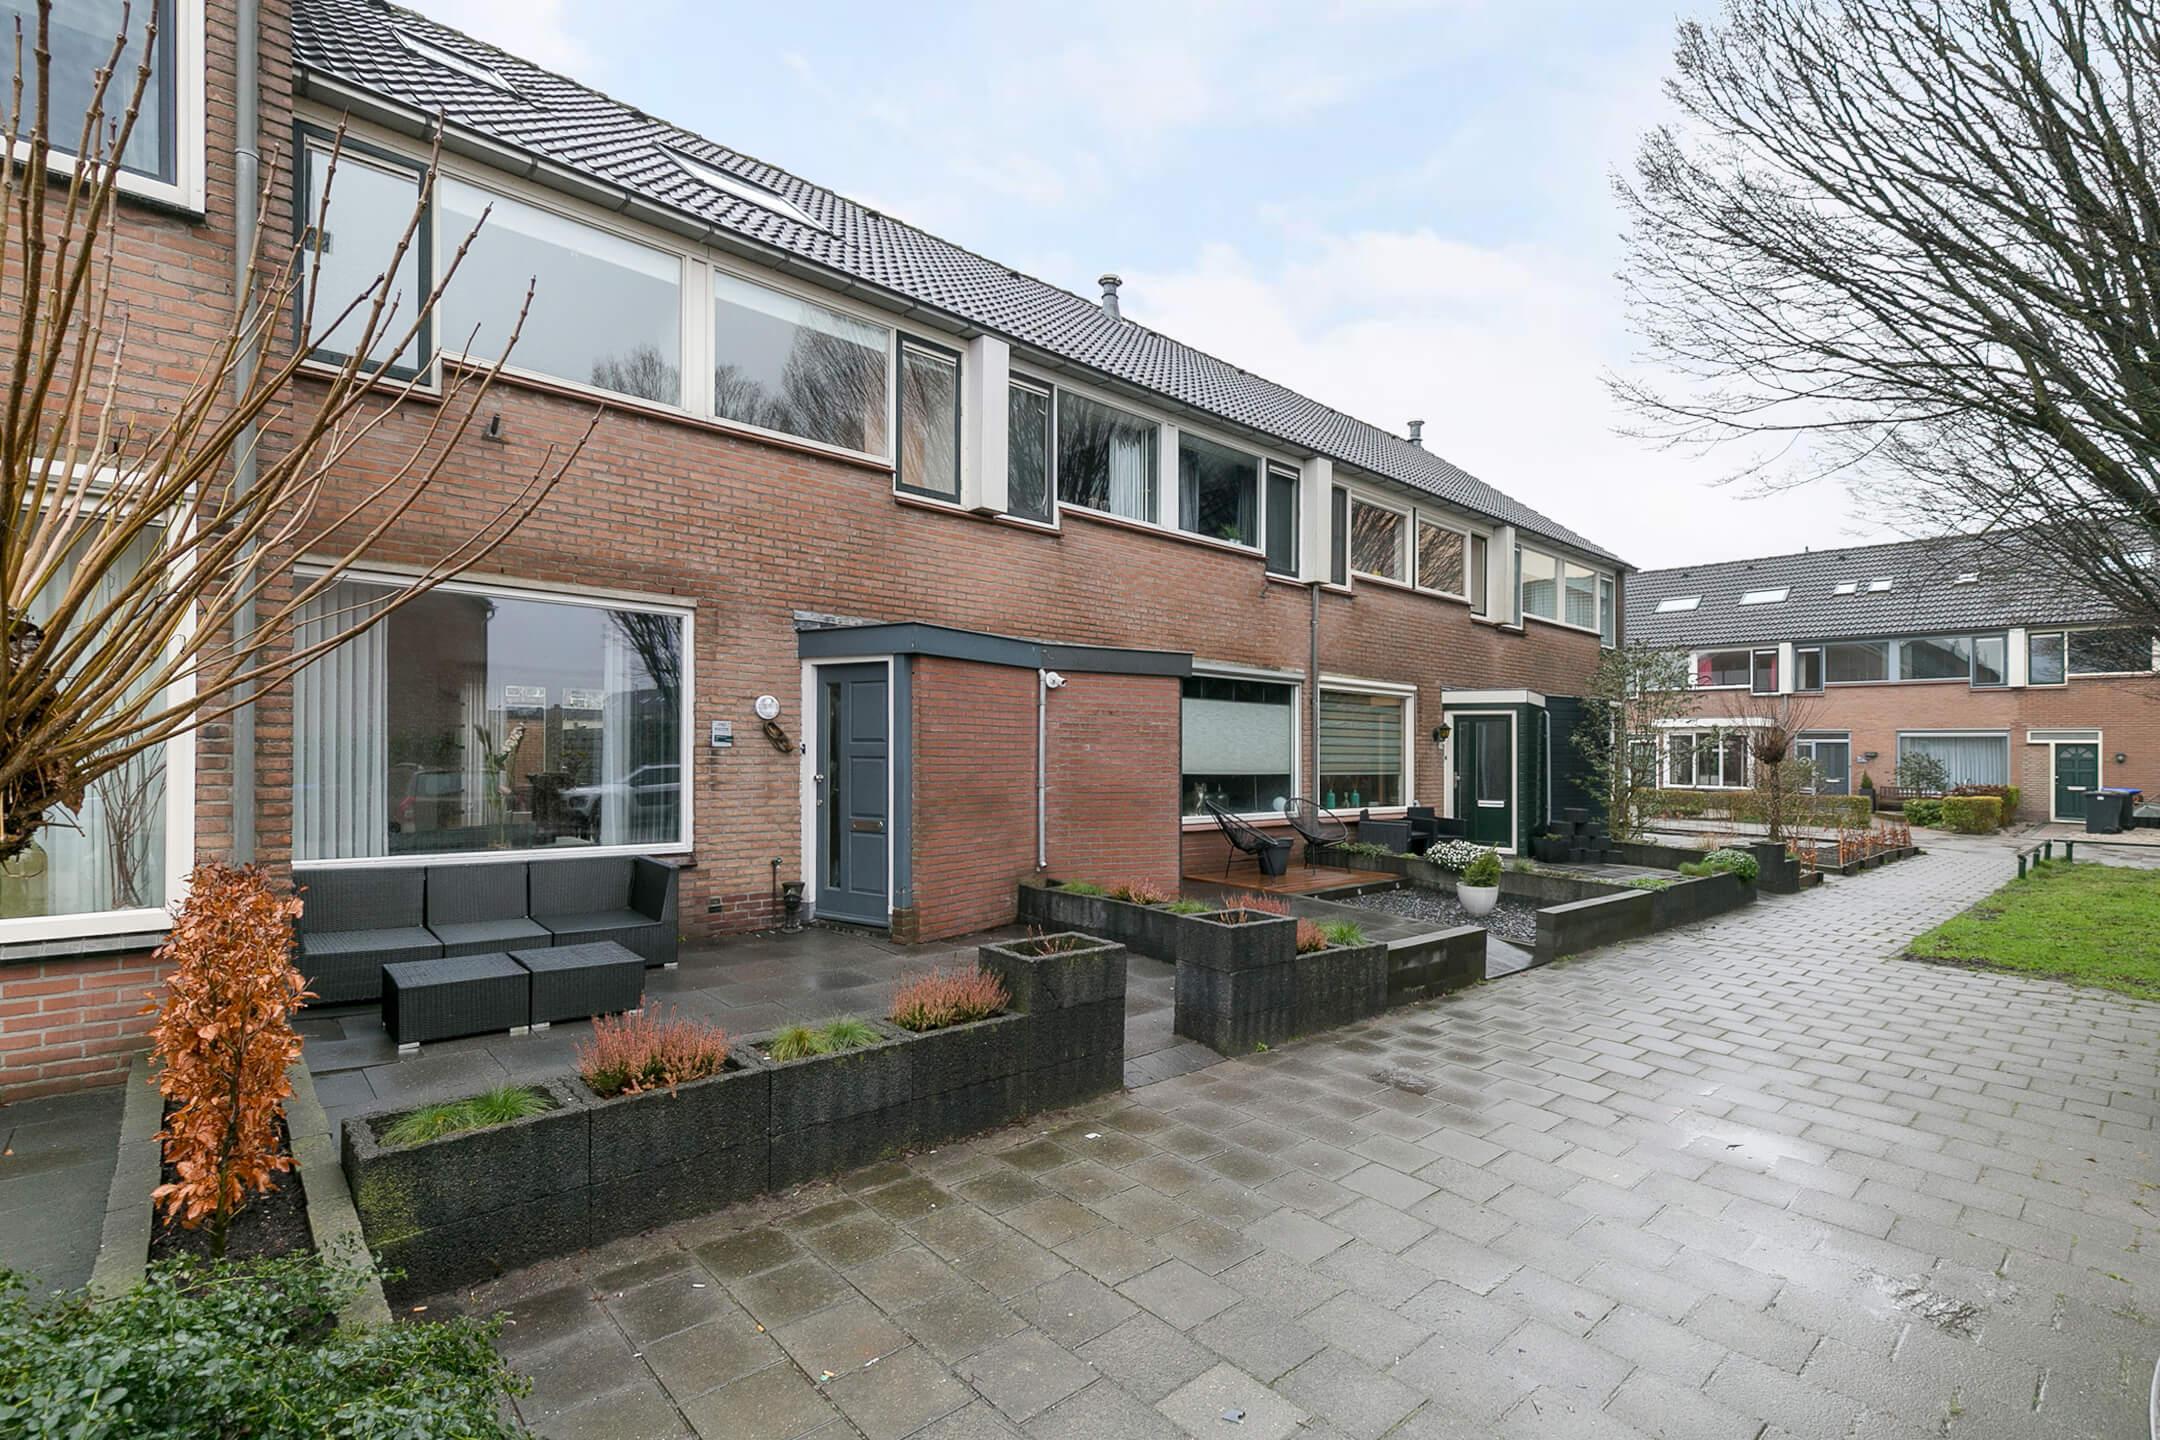 Huis verkocht door Dina voor Lindsay & Maarten